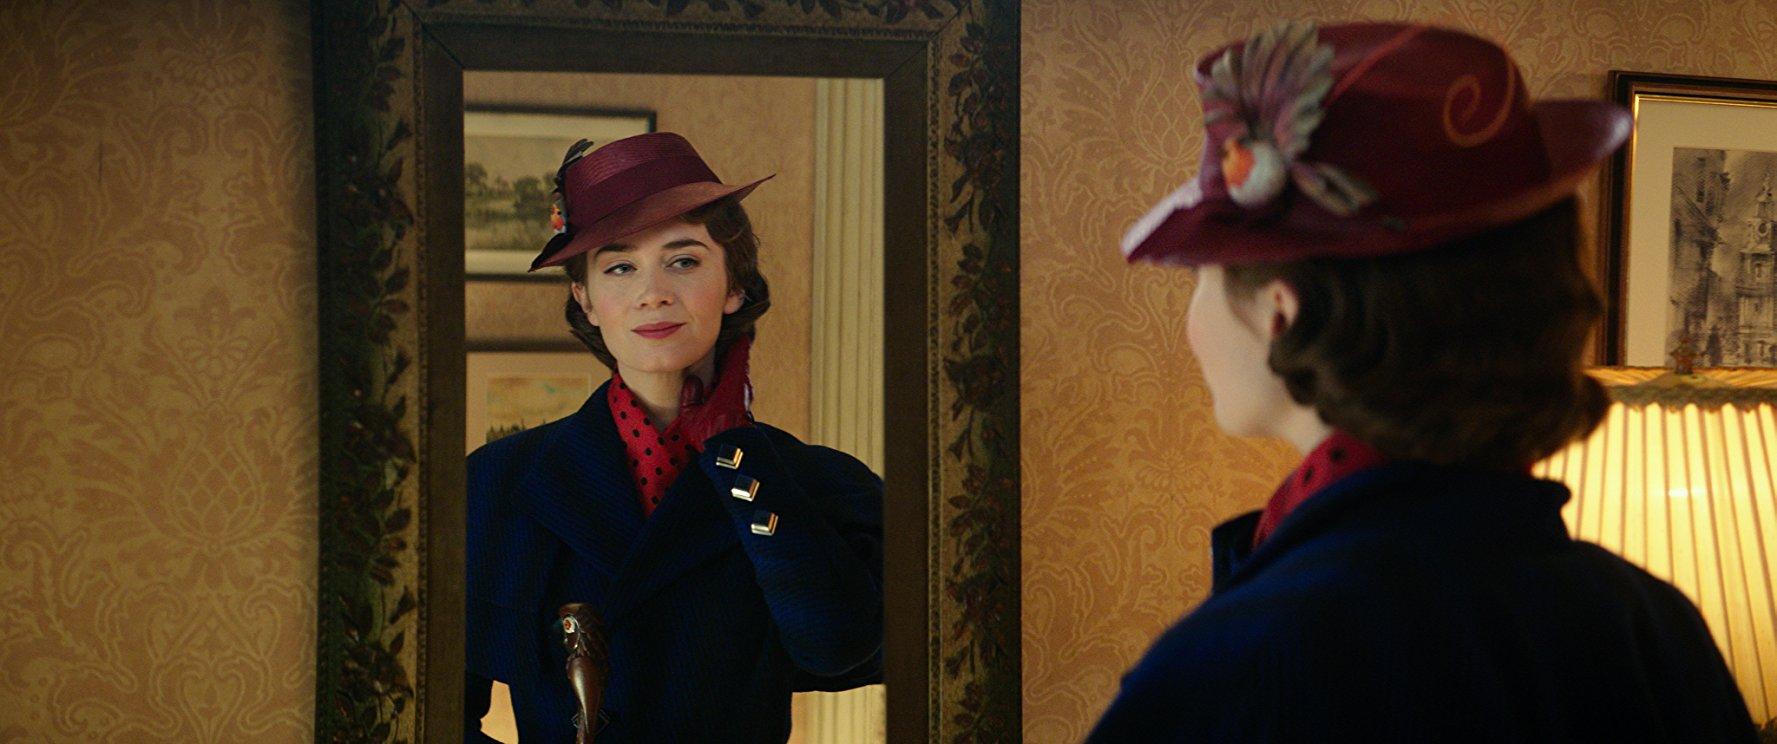 Эмили Блант в роли Мэри Поппинс: в сети появился трейлер-320x180